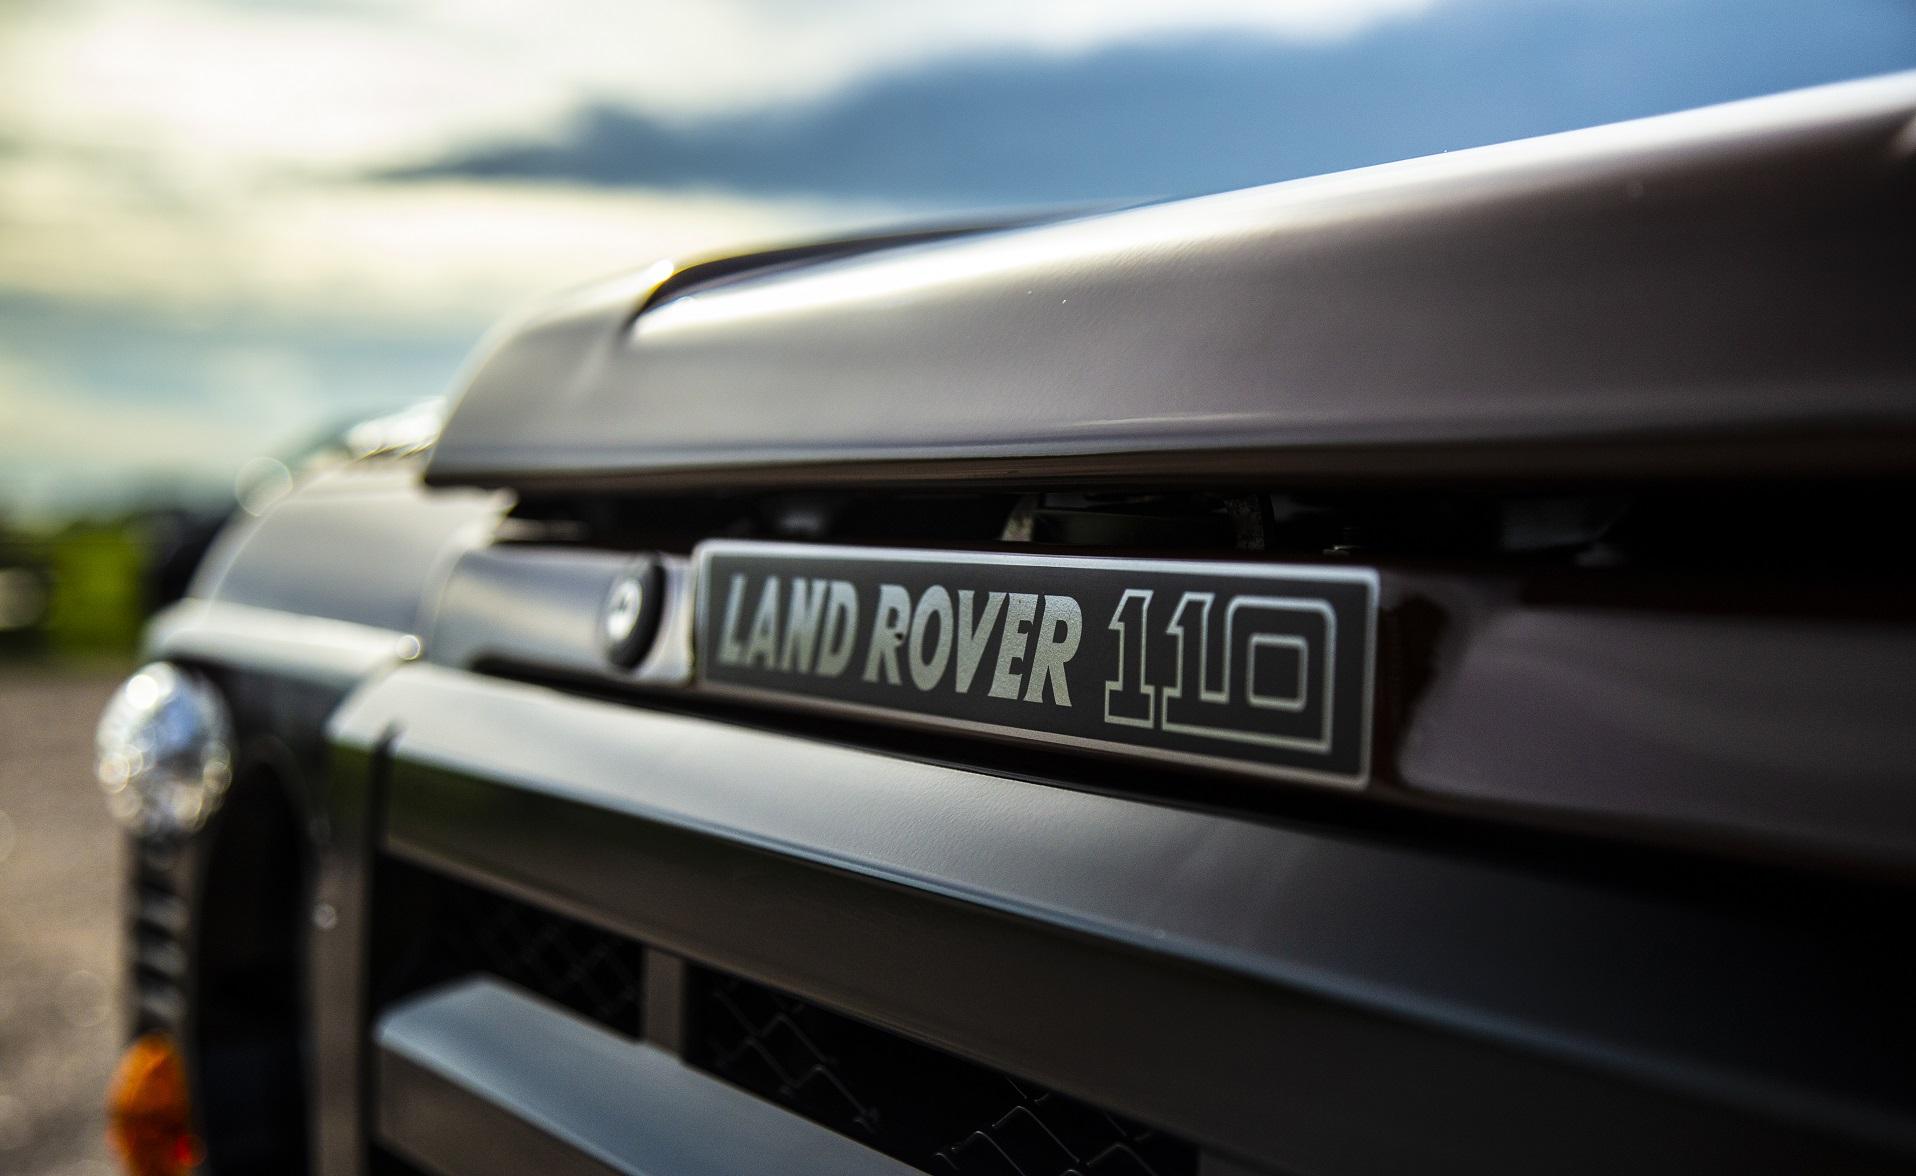 land-rover-defender-110-stationwagon-details-oliversclasscis.com